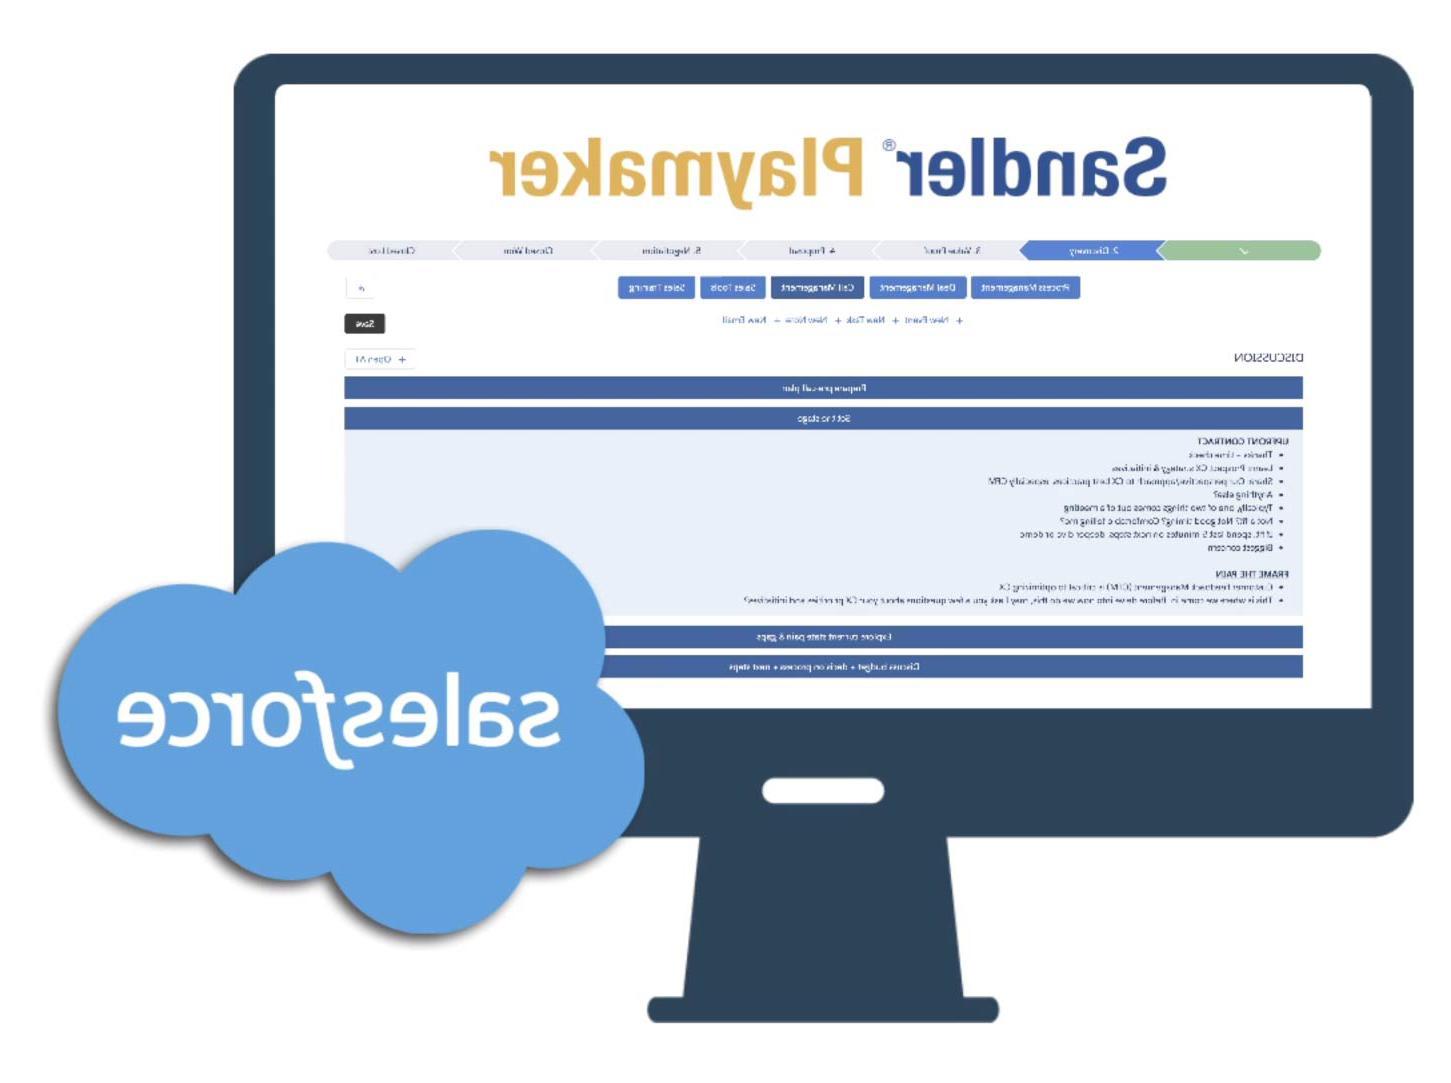 桌面Salesforce标志